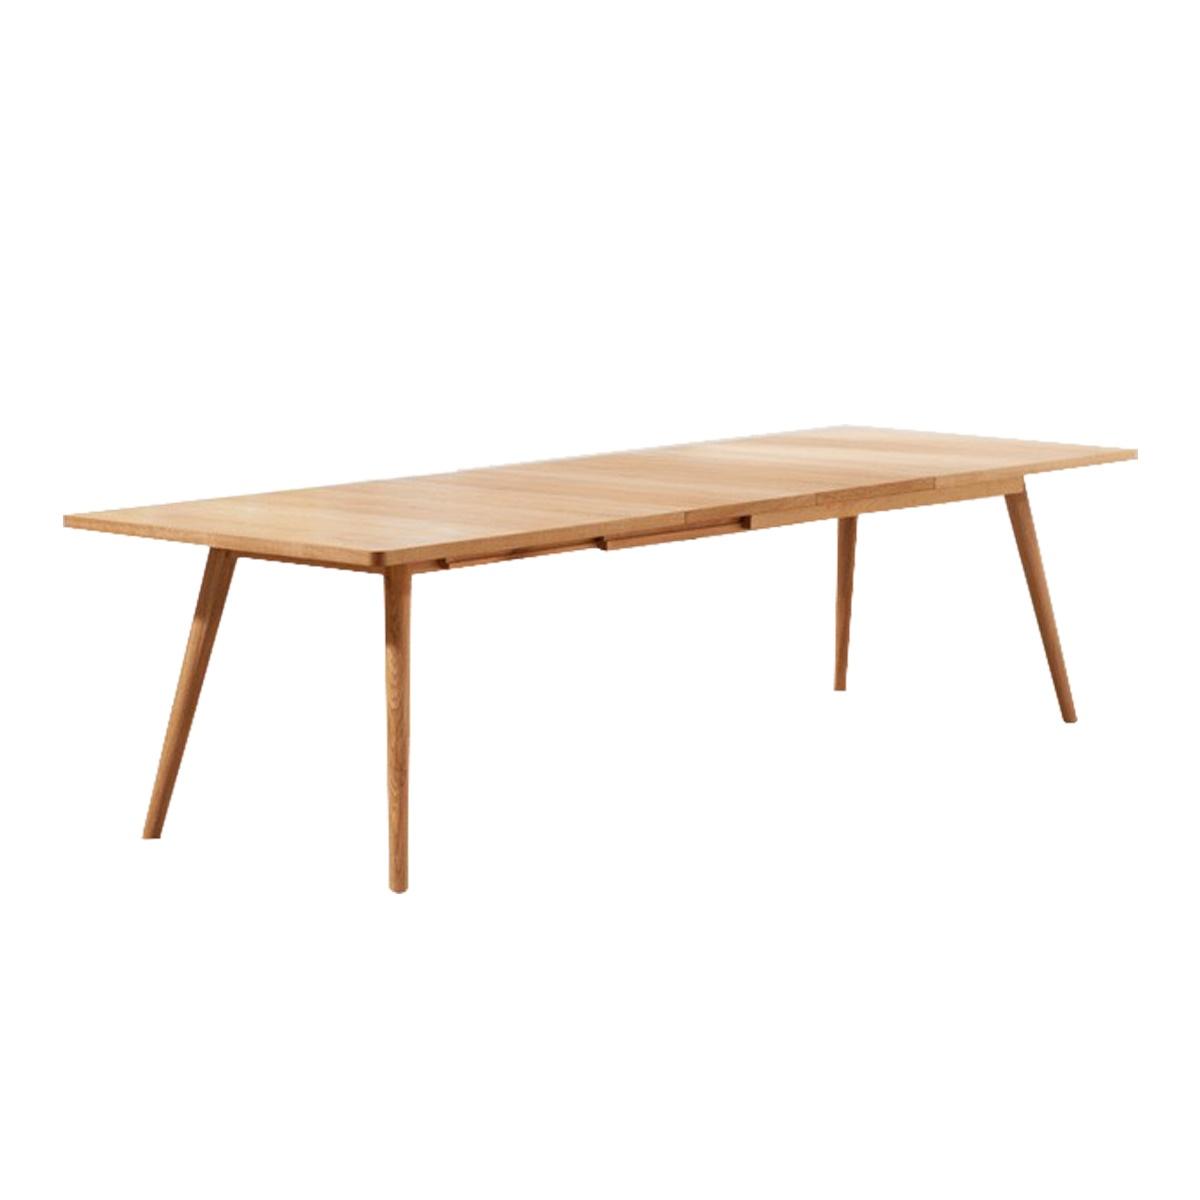 Tiko Oak Extending Dining Table